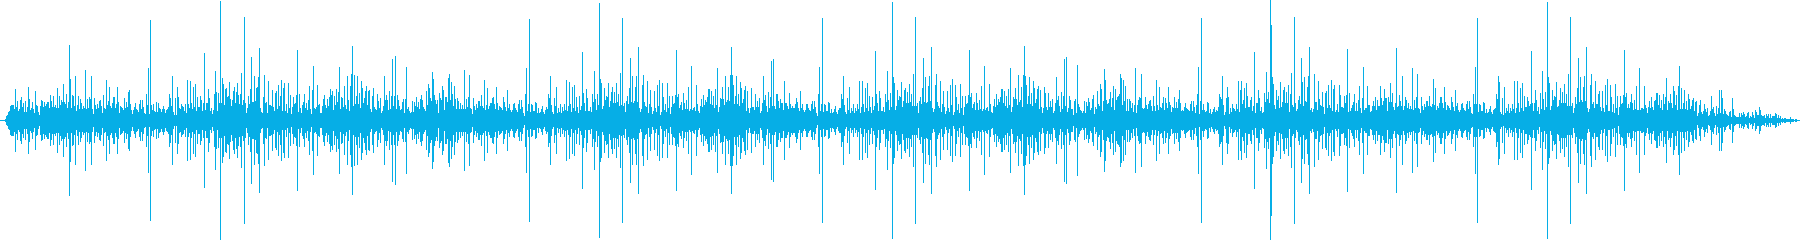 ターンテーブルステレオ:ビニールア...の再生済みの波形